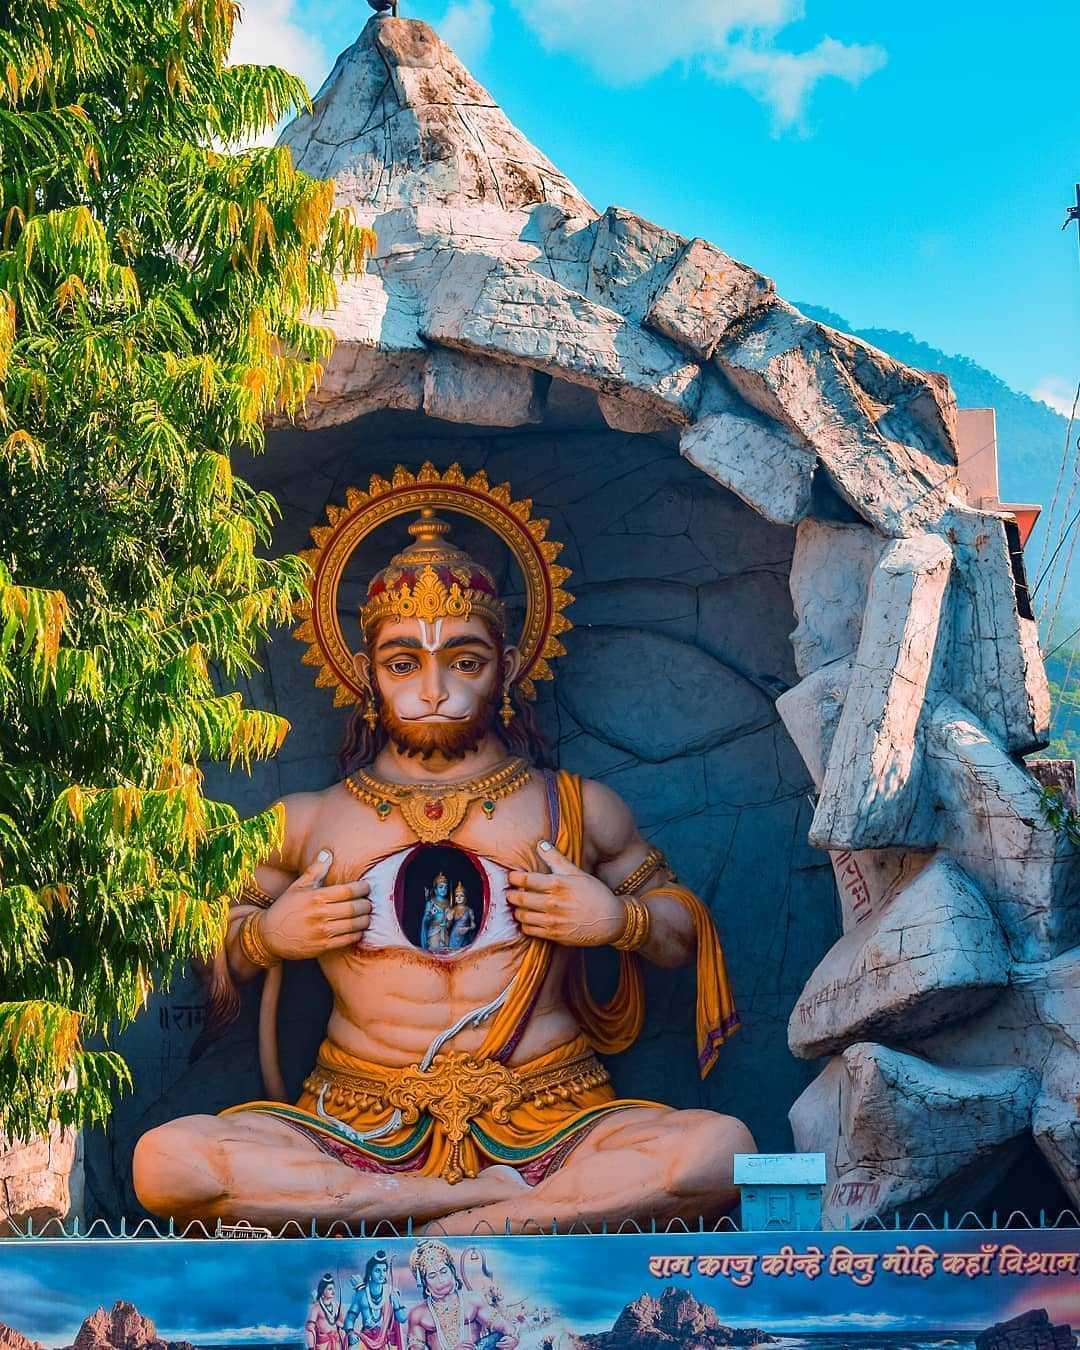 Hanuman Ji Images | God Hanuman Baba Photos - Ram Bhakt Shri Hanuman Ji Images. Pawan Putra Hanuman Baba Photos in HD. Ramdoot Hanuman Ji Bhagwan Wallpaper. Shri Rama Param Bhakt Hanuman Ji Ki Pictures.